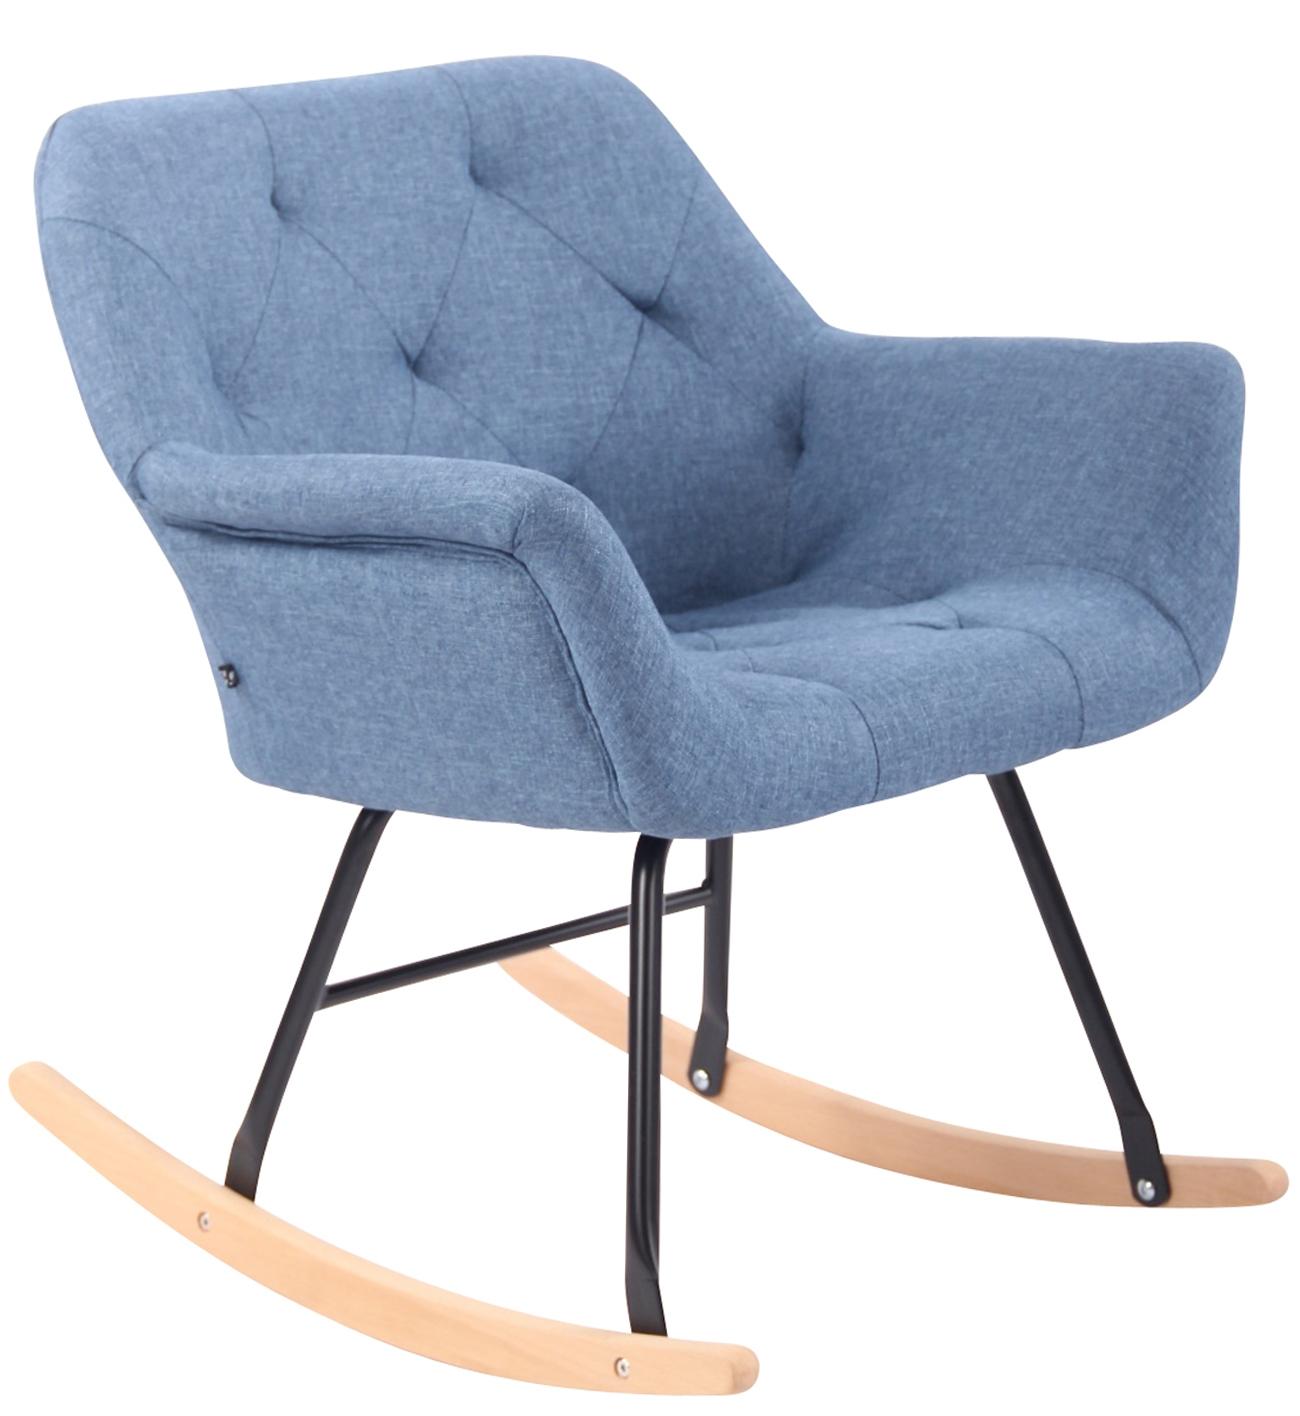 Schaukelstuhl Cabot Stoff-blau | Wohnzimmer > Stüle > Schaukelstühle | CLP